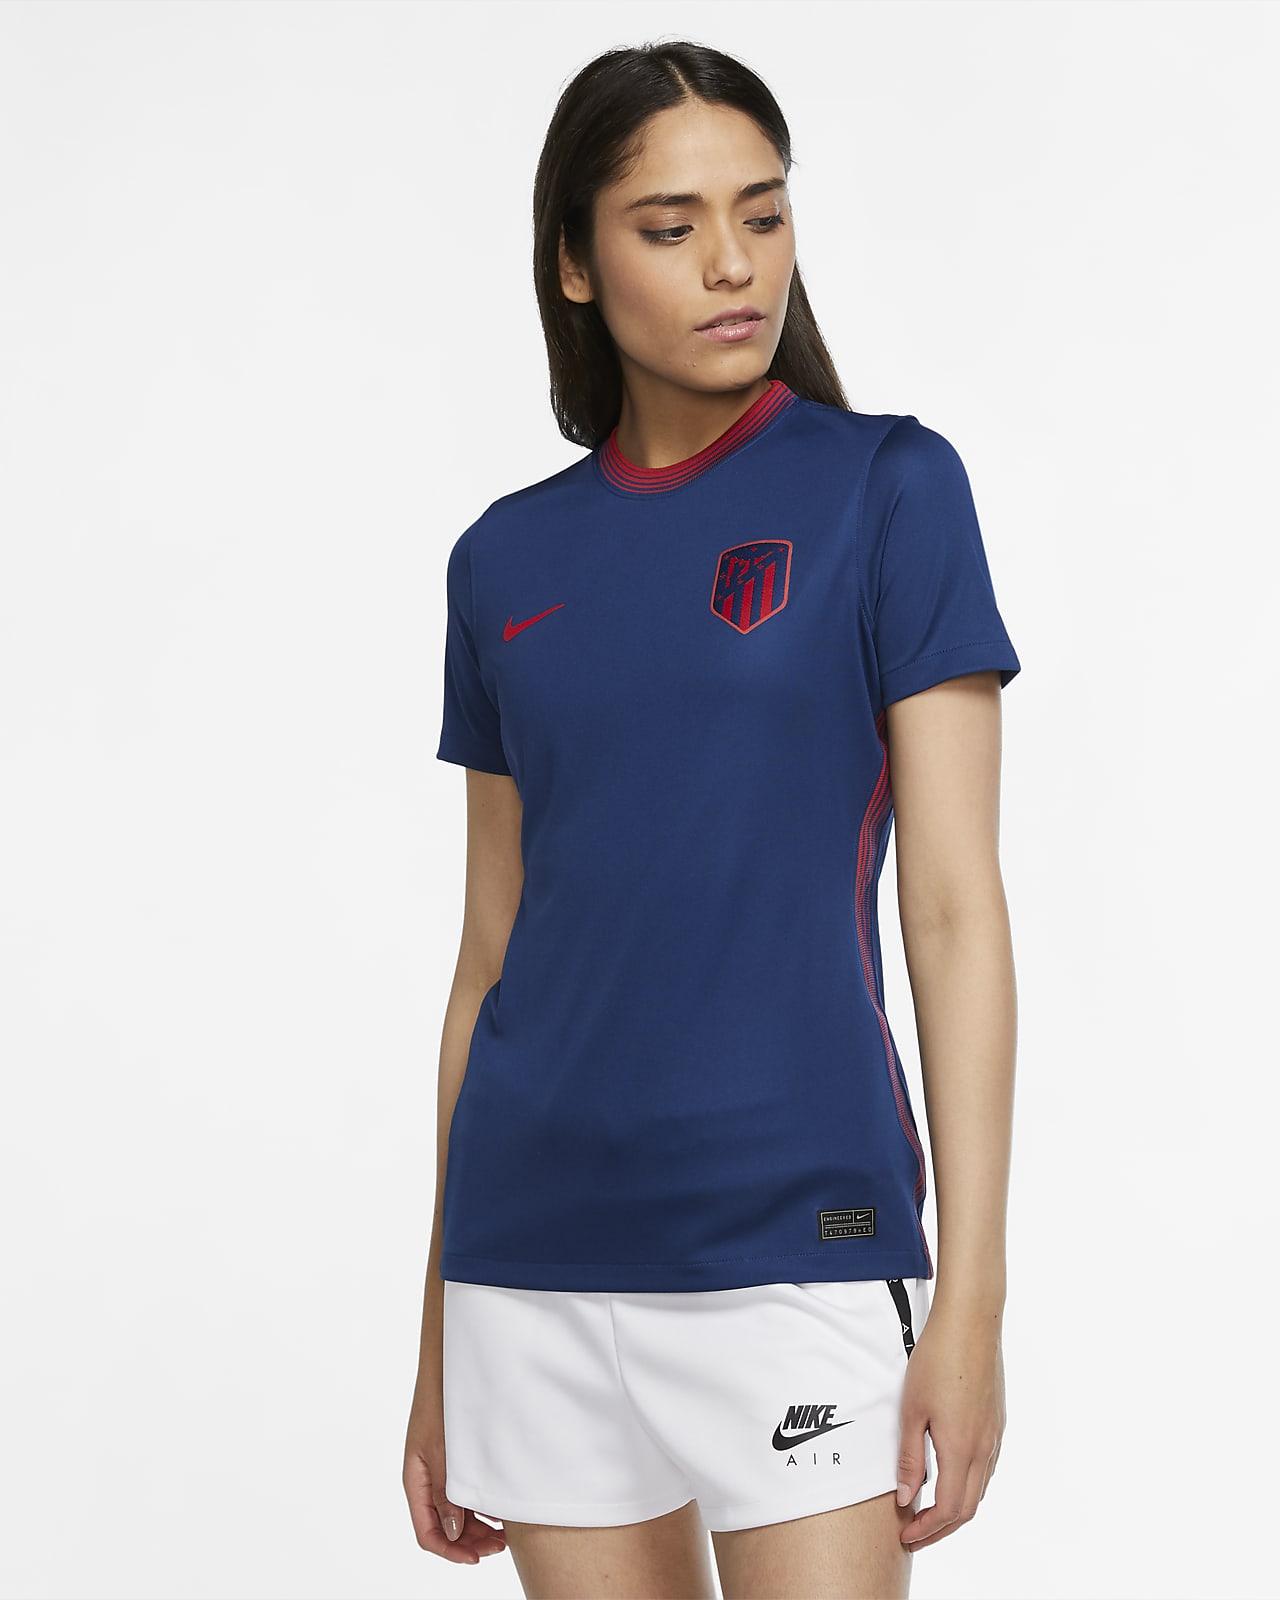 Camisola de futebol do equipamento alternativo Stadium Atlético de Madrid 2020/21 para mulher